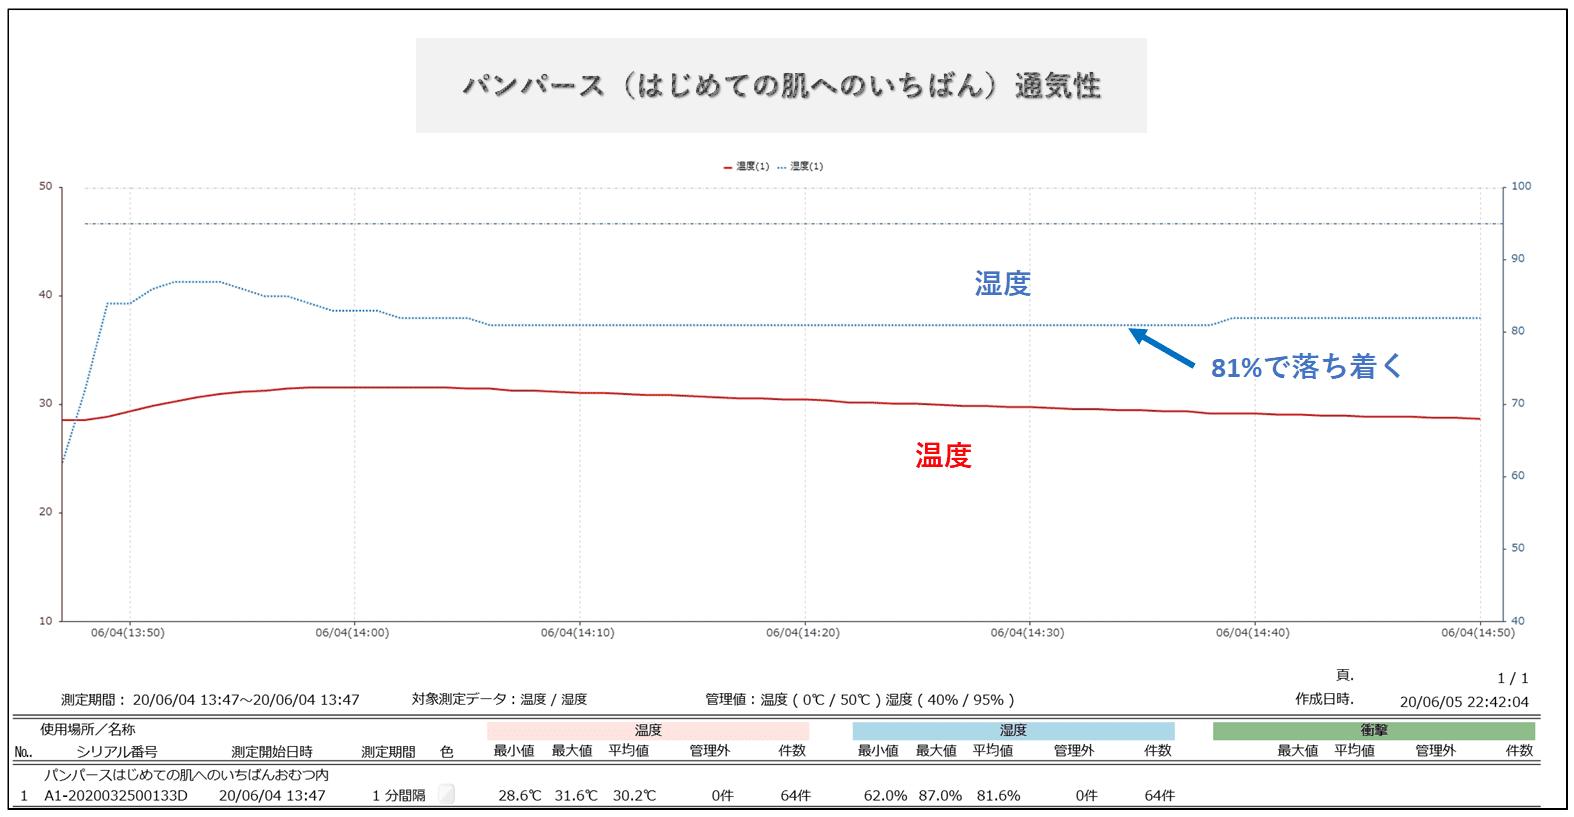 パンパースはじめての肌へのいちばんの湿度変化グラフ